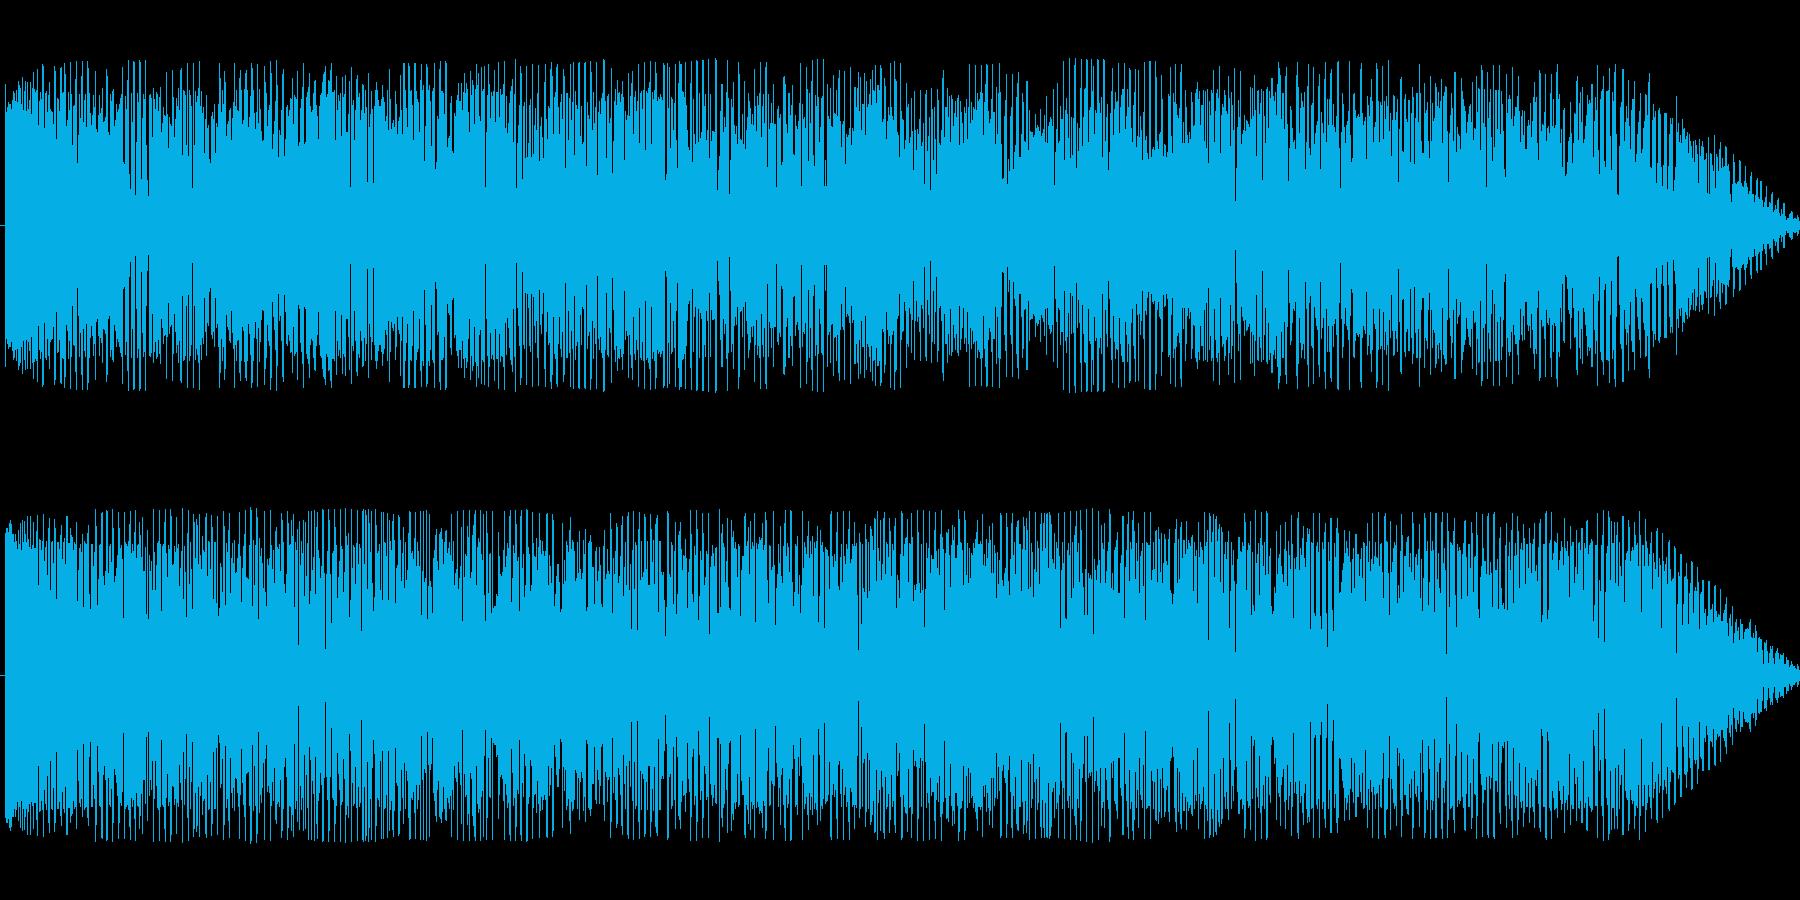 巨大なモンスター登場したような効果音の再生済みの波形